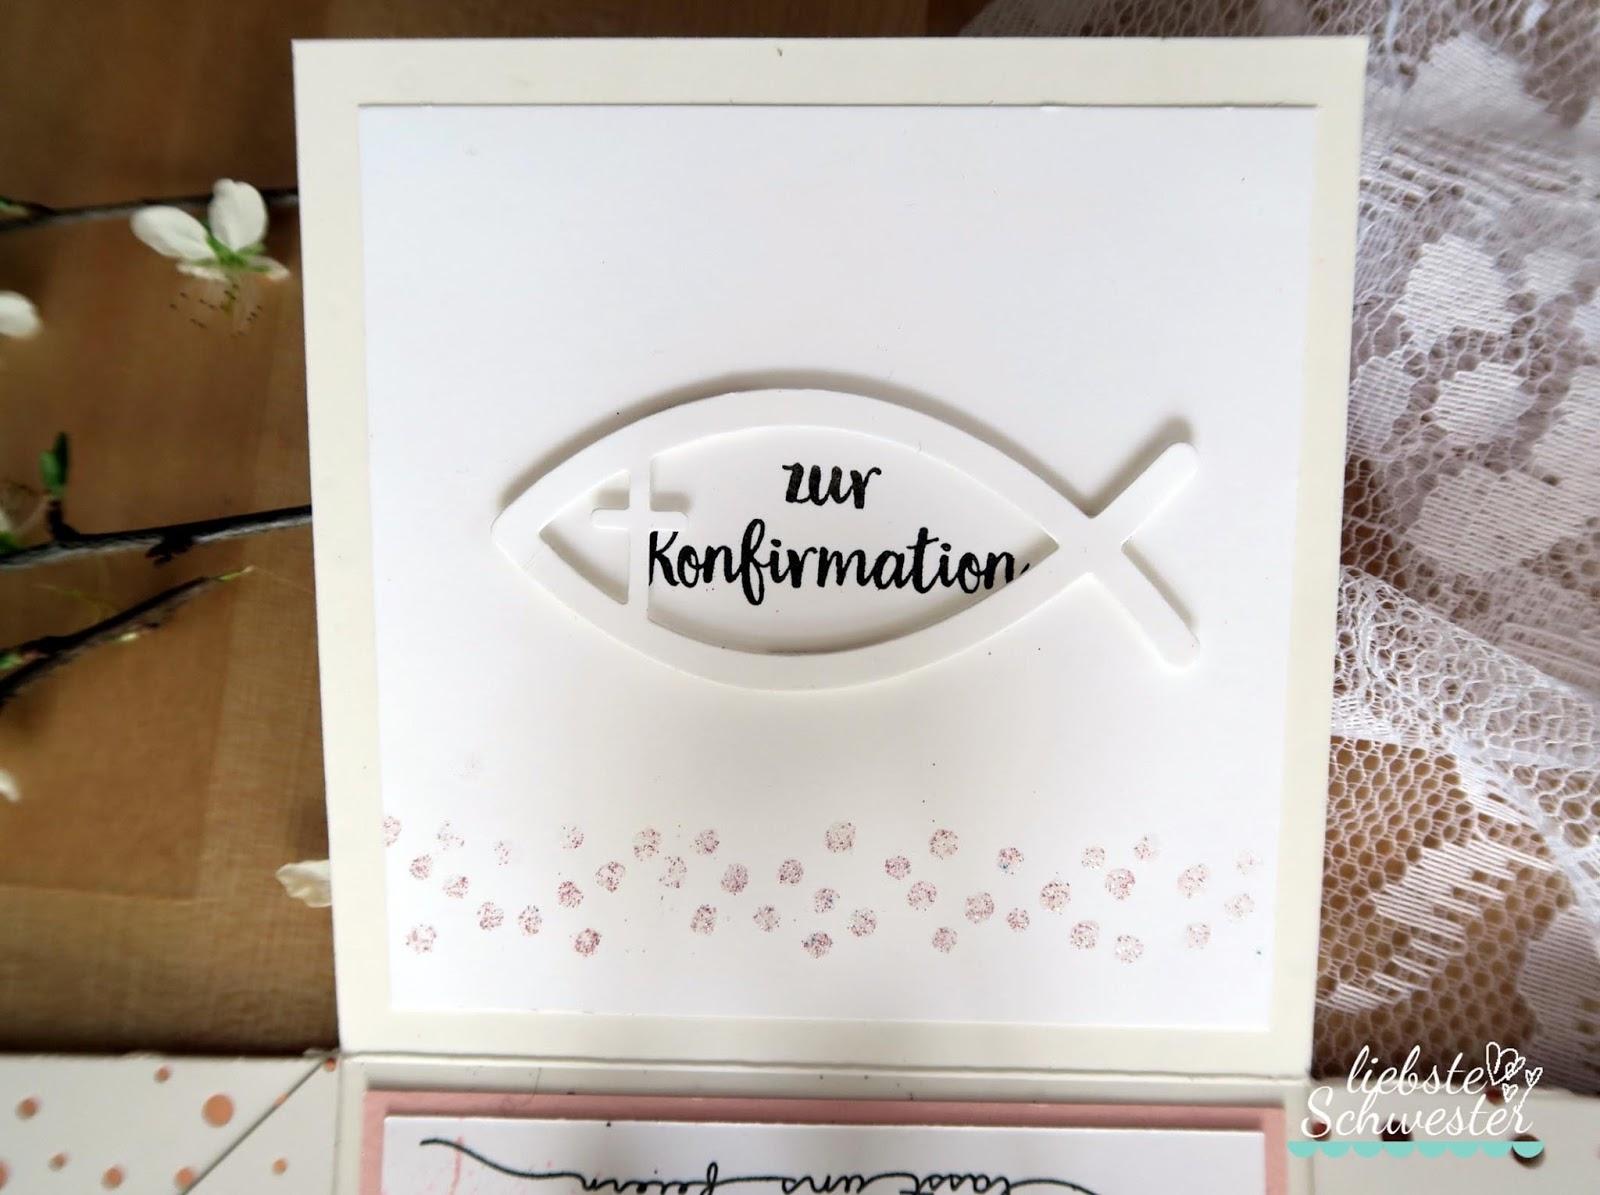 geschenk zur konfirmation schwester europ ische weihnachtstraditionen. Black Bedroom Furniture Sets. Home Design Ideas